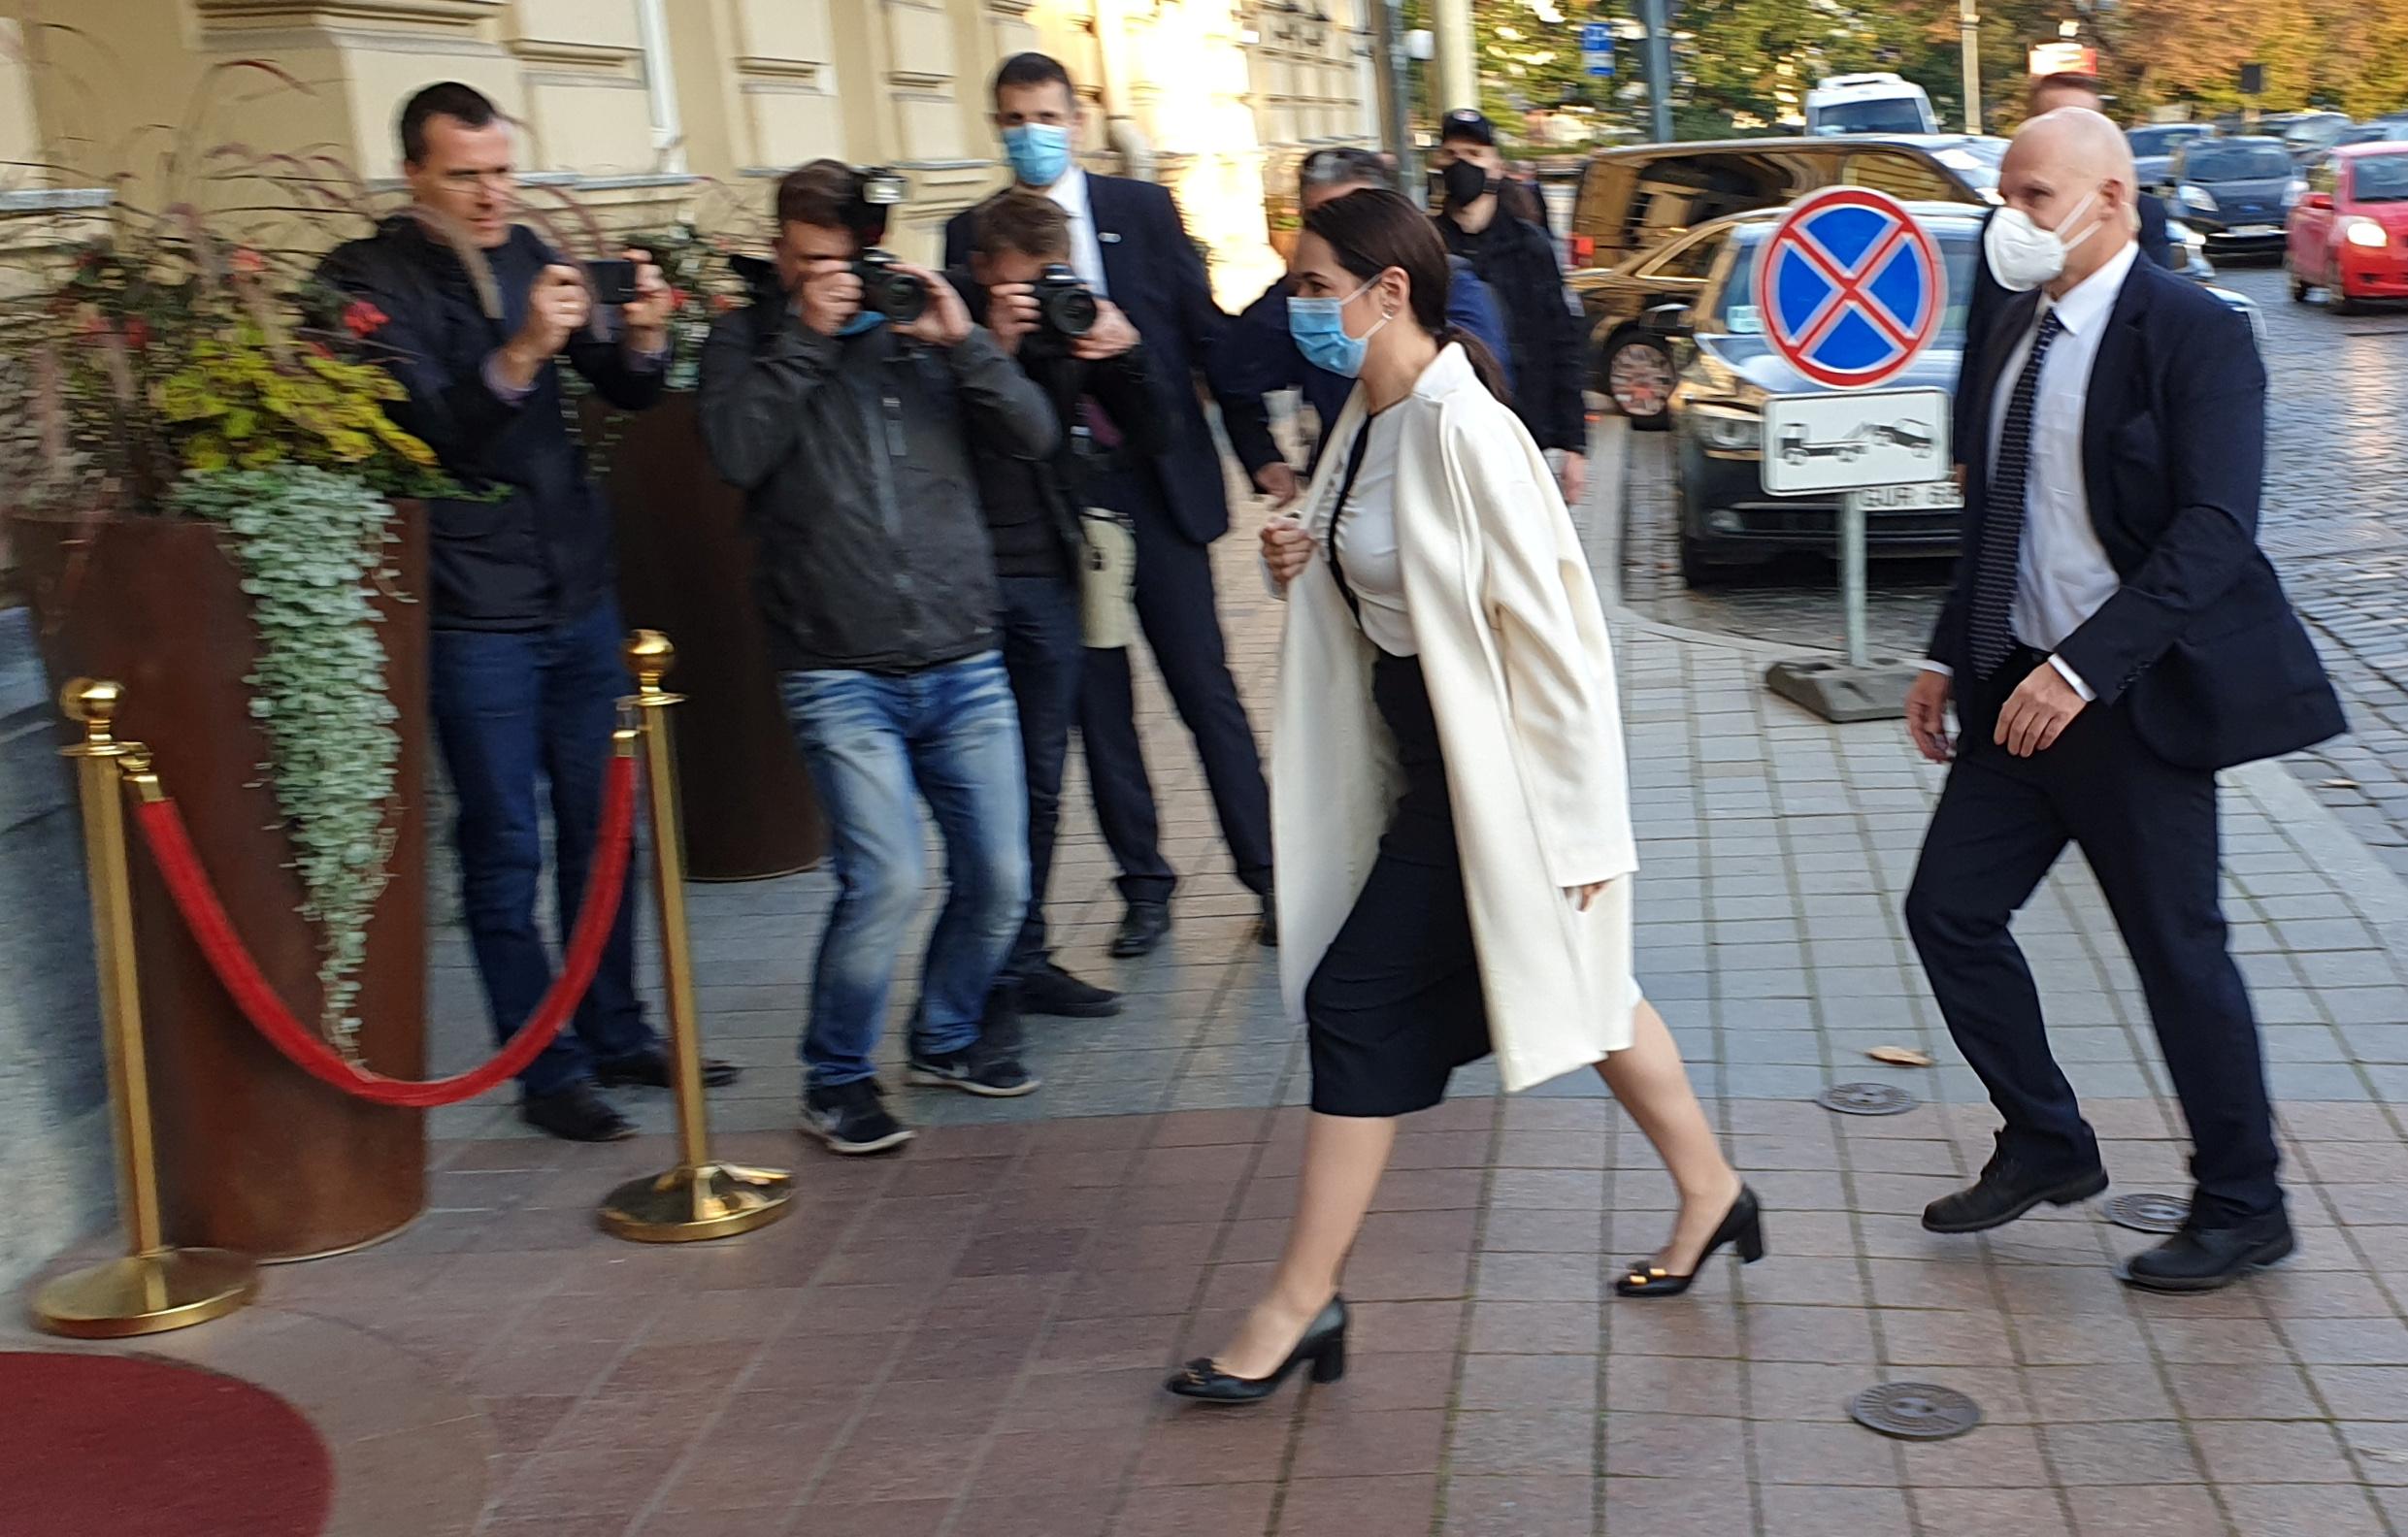 Неизвестный выдал себя за Тихановскую на онлайн-заседании в Дании